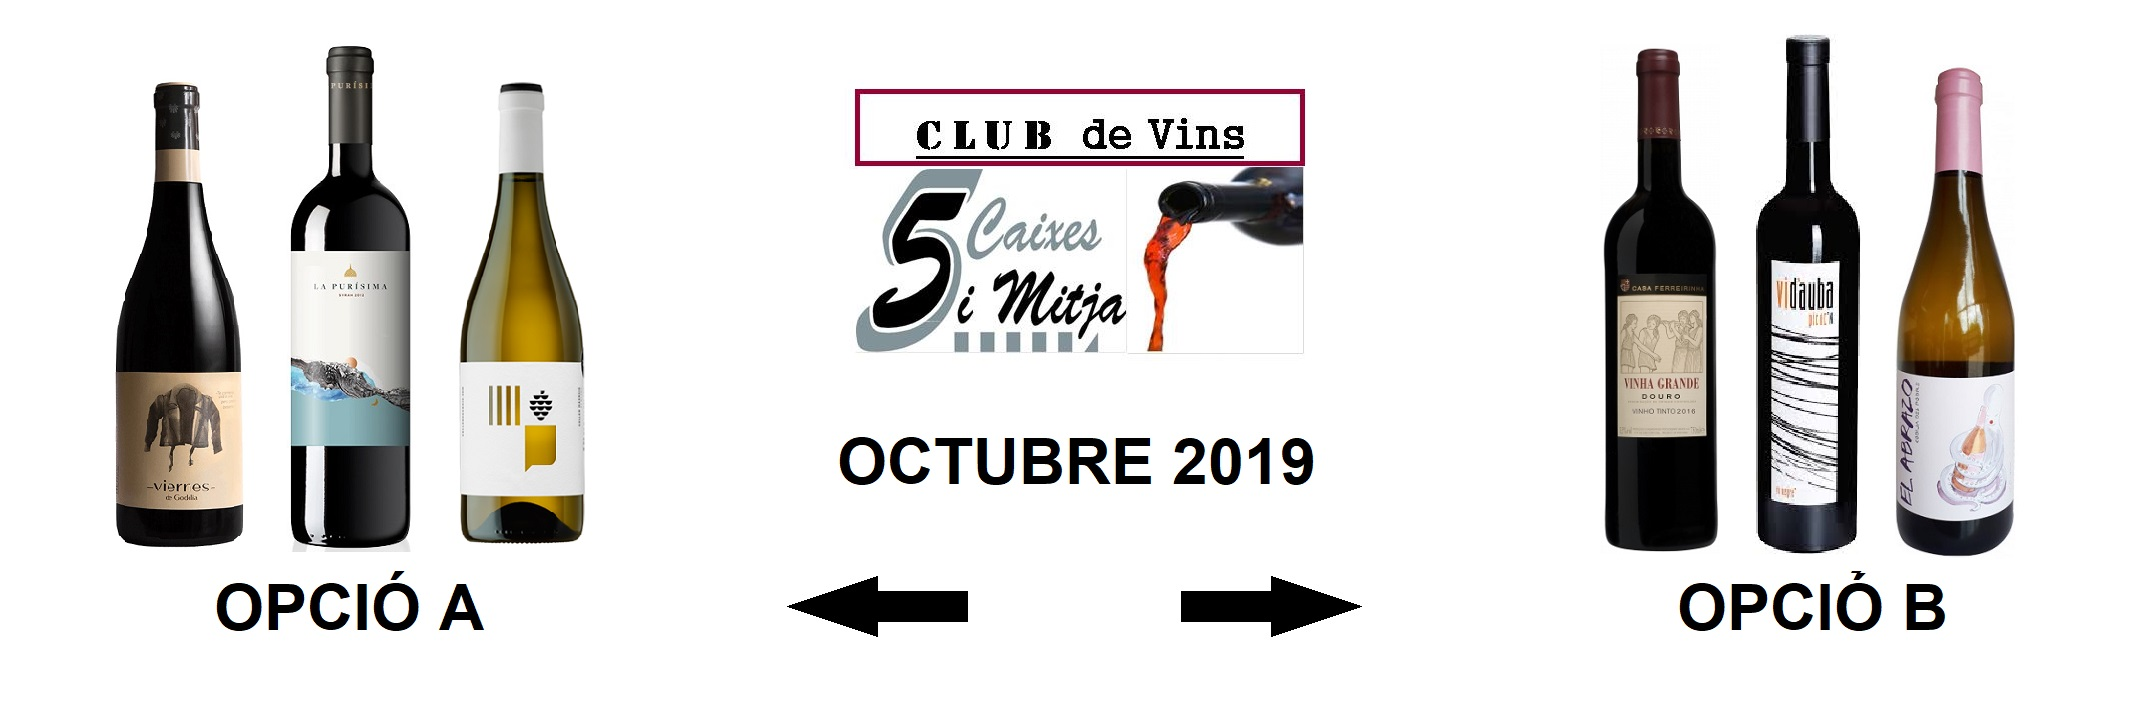 Selecció Octubre 2019 – Club de Vins